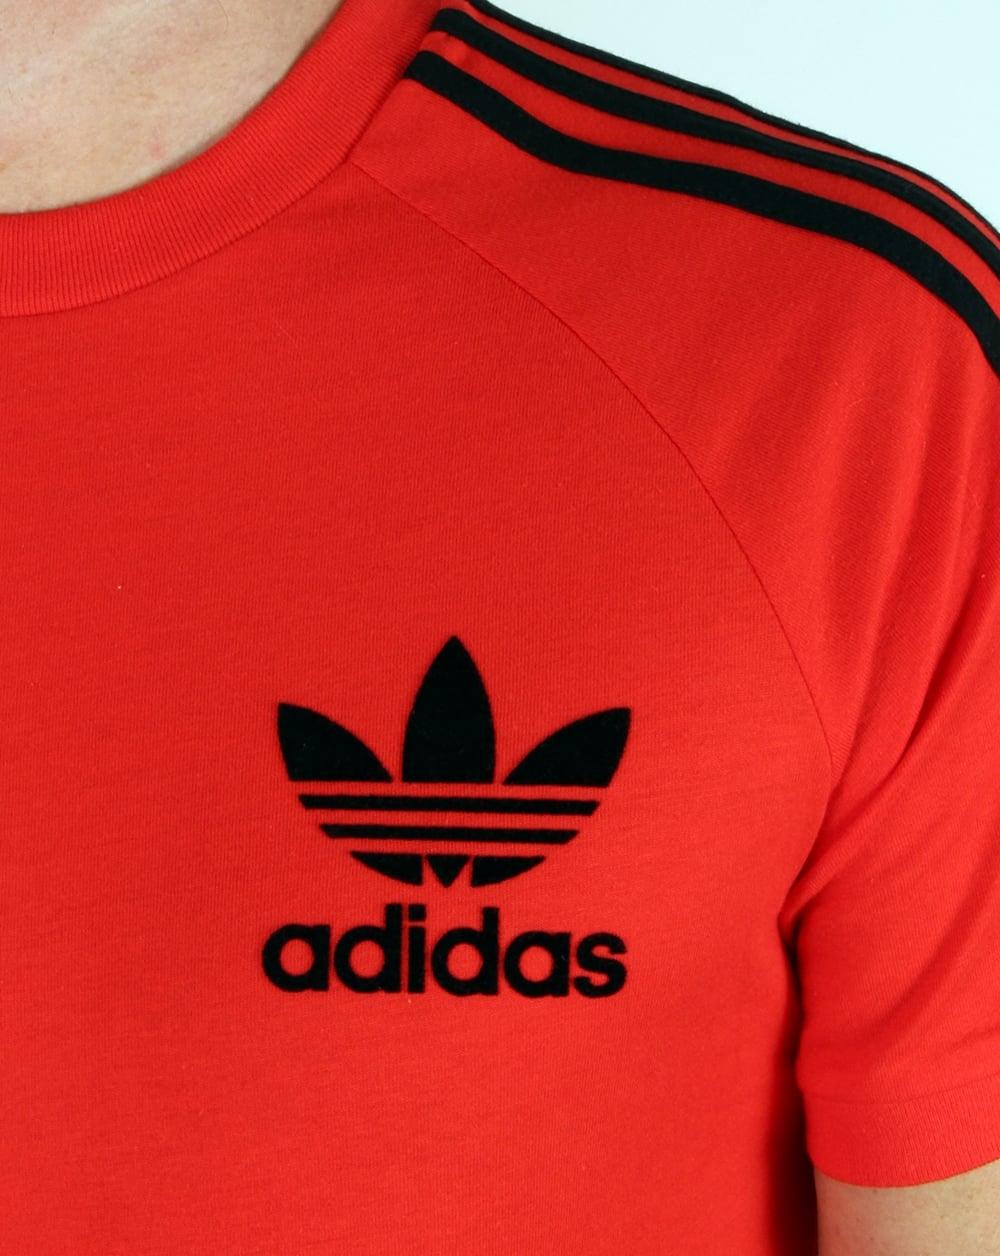 adidas originals retro 3 stripes t shirt navy orange